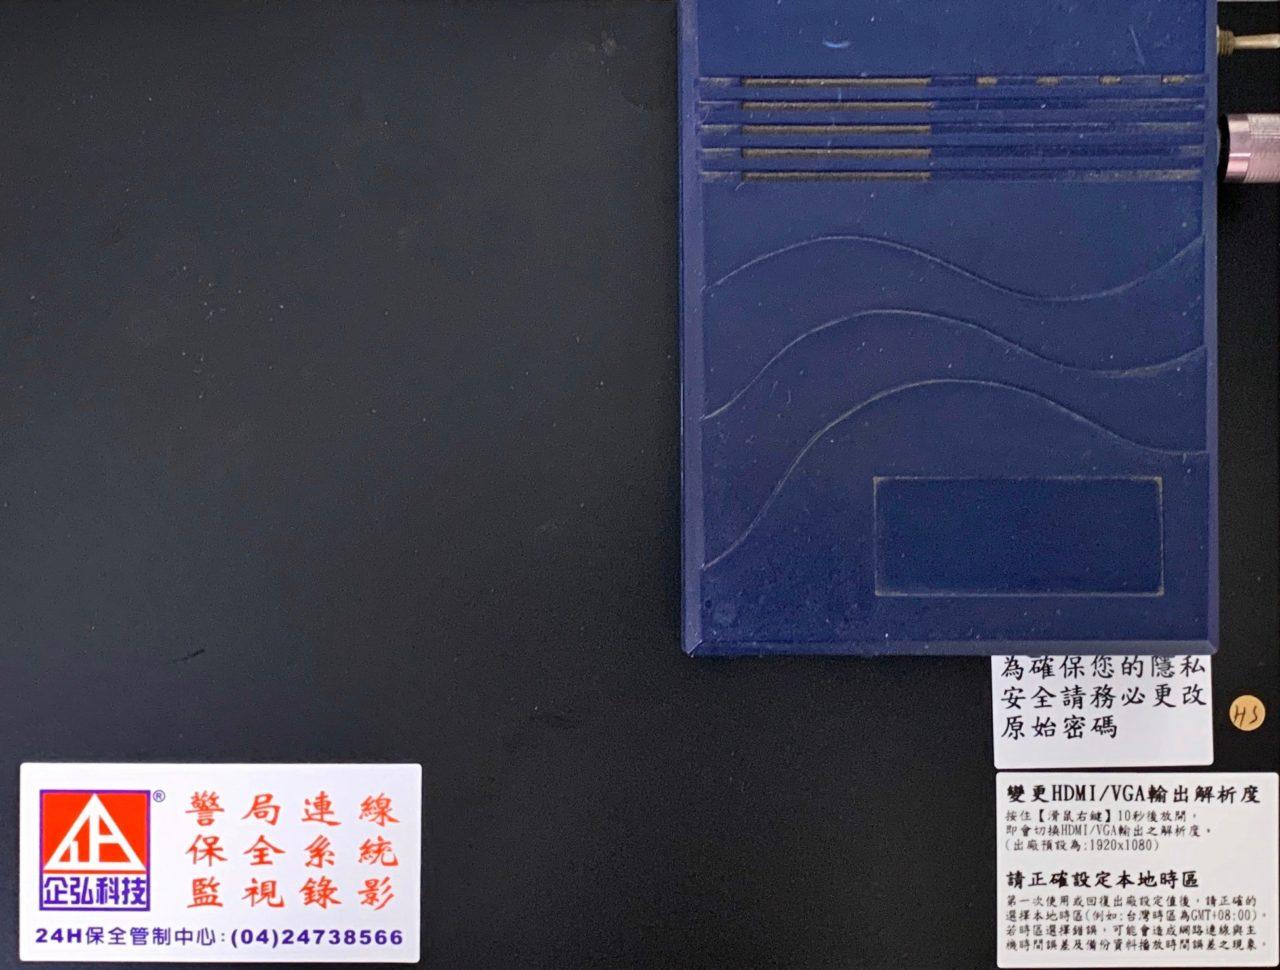 台中市南屯區工廠安裝監視系統